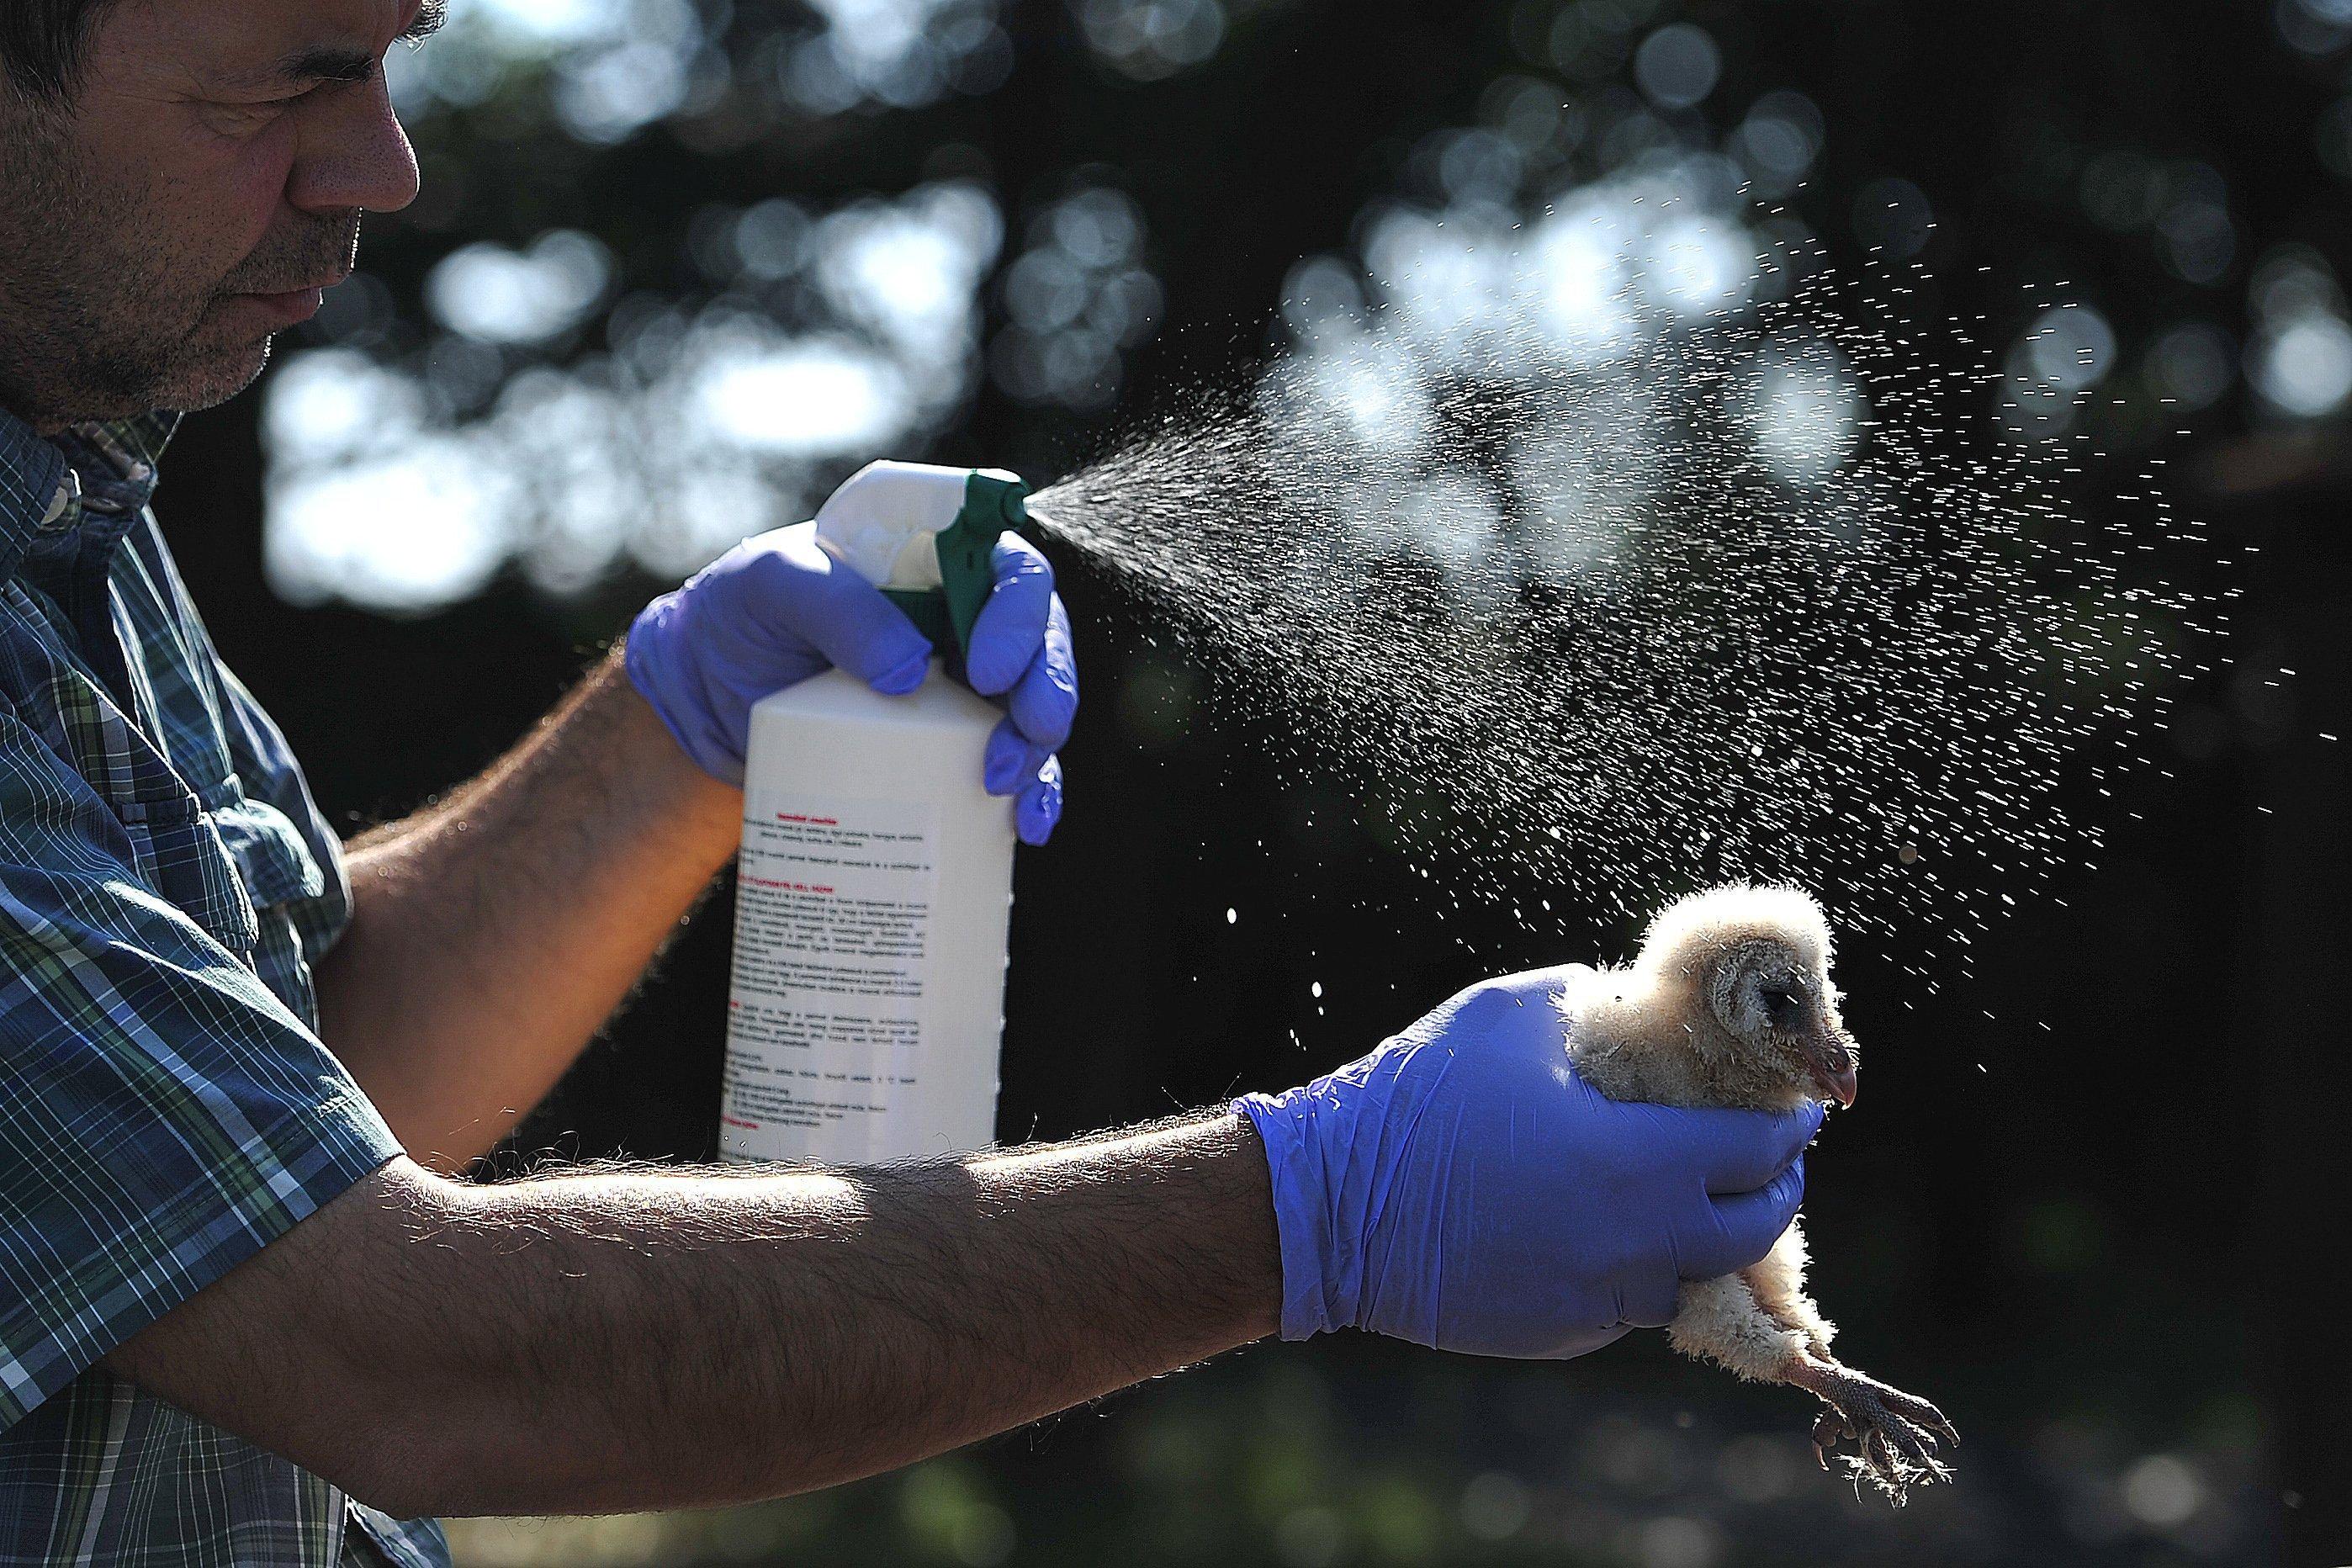 Megszabadították az élősködőktől a hortobágyi gyöngybagolyfiókát